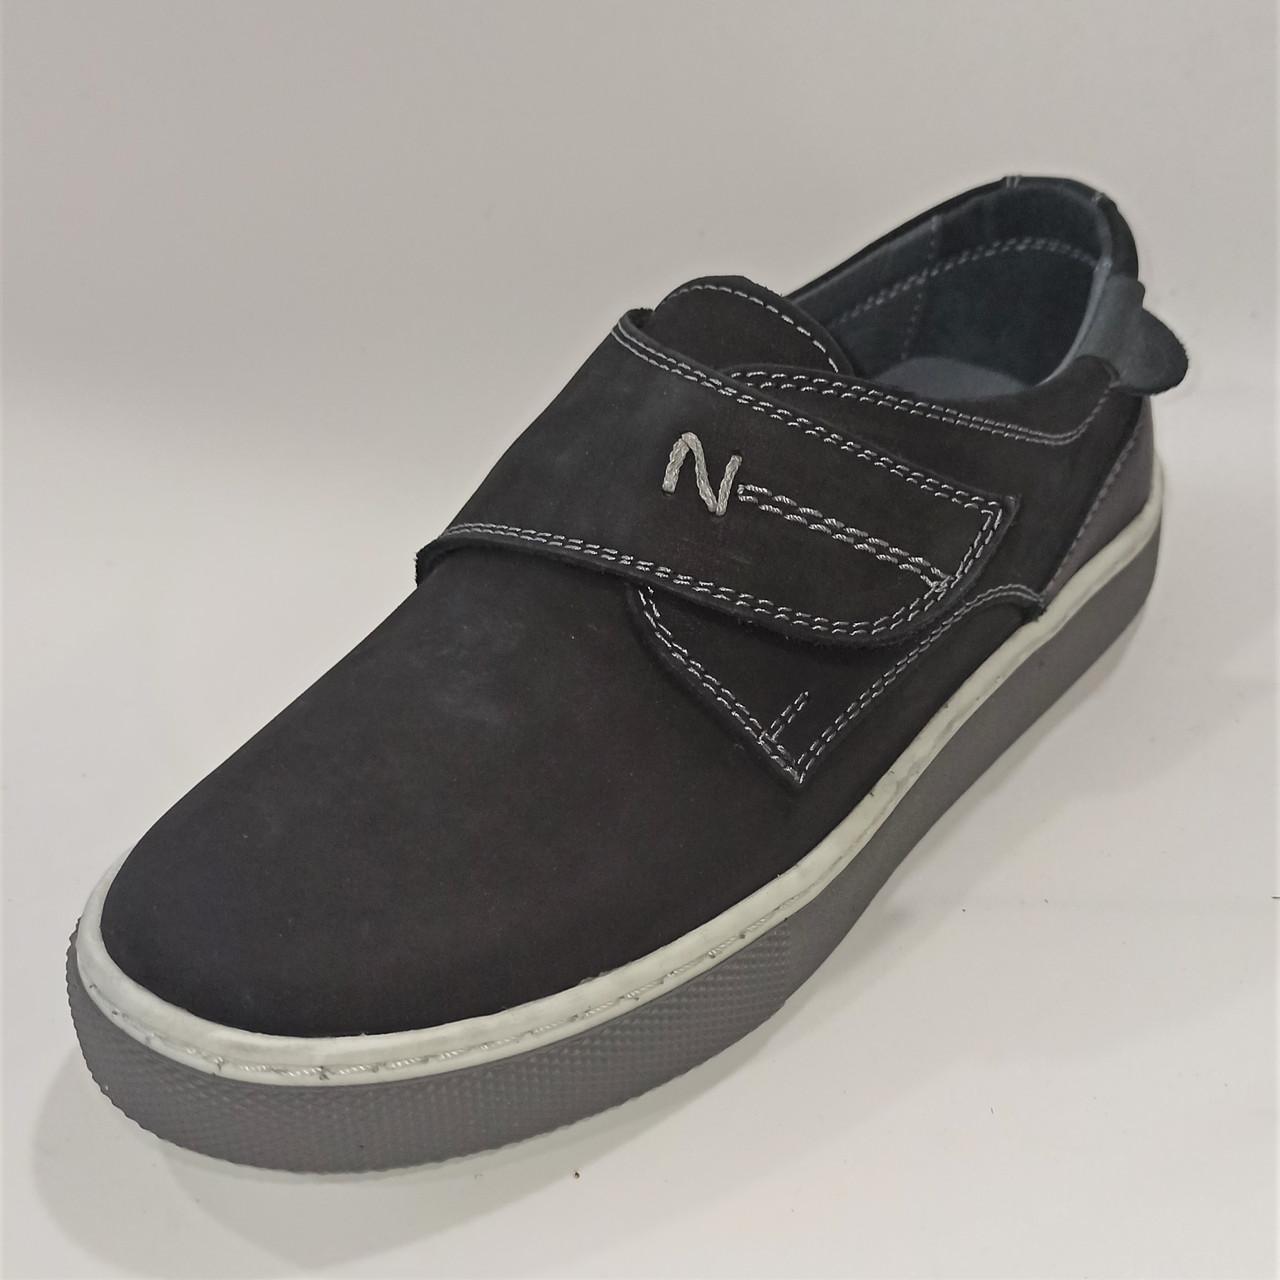 Туфли для мальчика в школу на липучке, LC Kids (код 1305) размеры: 28-31